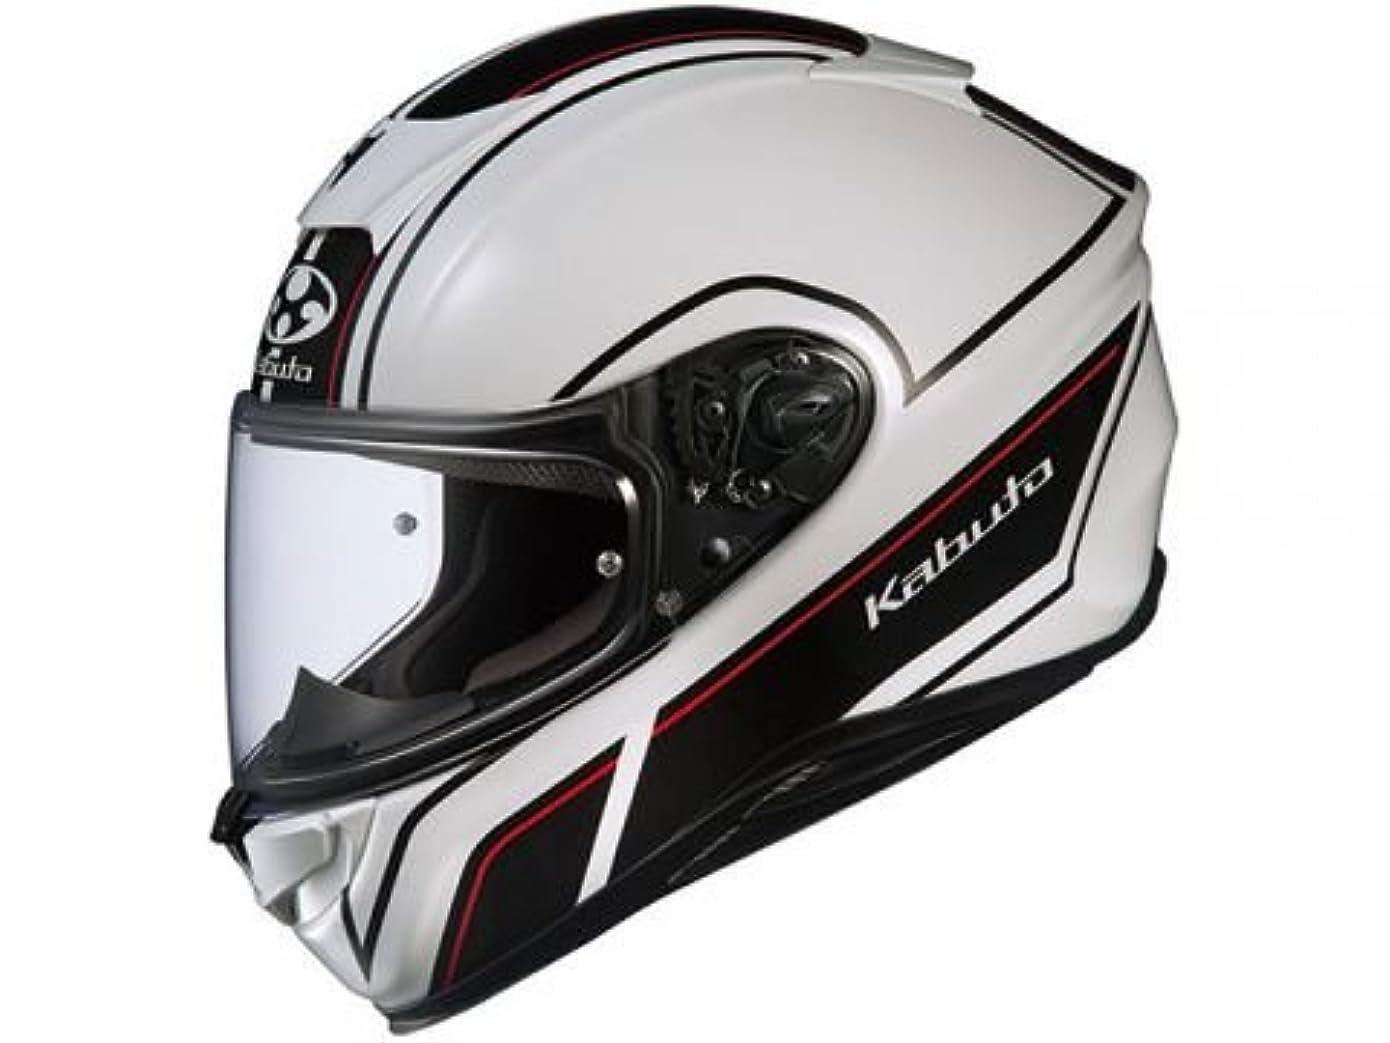 テセウス去る変えるオージーケーカブト(OGK KABUTO)バイクヘルメット フルフェイス AEROBLADE5 SMART(スマート) ホワイトブラック (サイズ:L) 575199